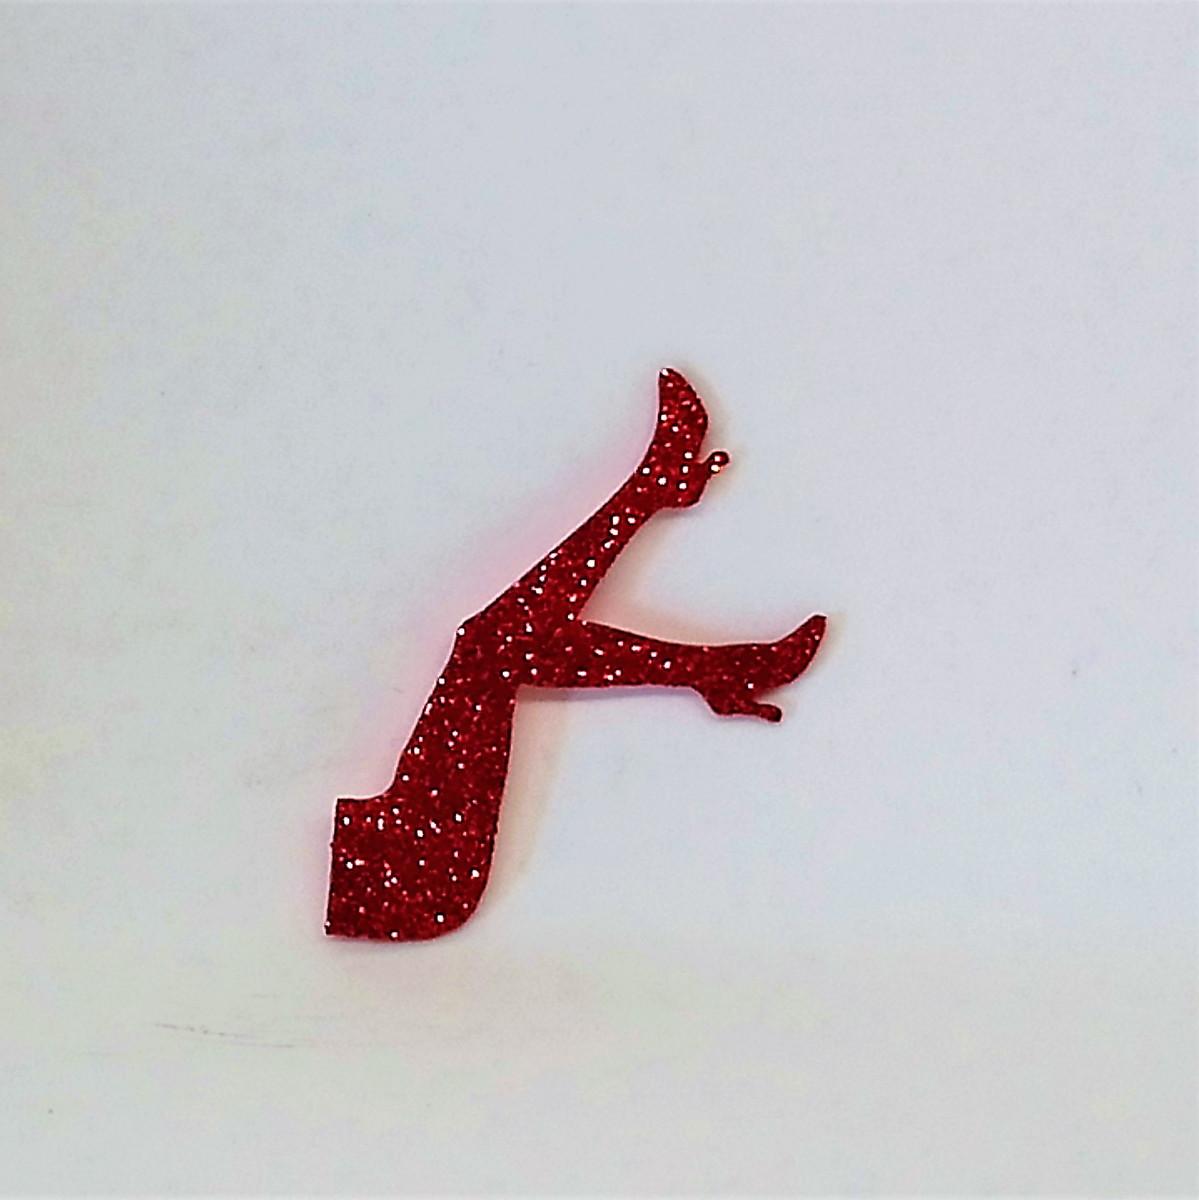 Imagem (fonte): https://www.elo7.com.br/aplique-em-eva-com-glitter-pernas-para-o-ar-6cm/dp/C25B7E